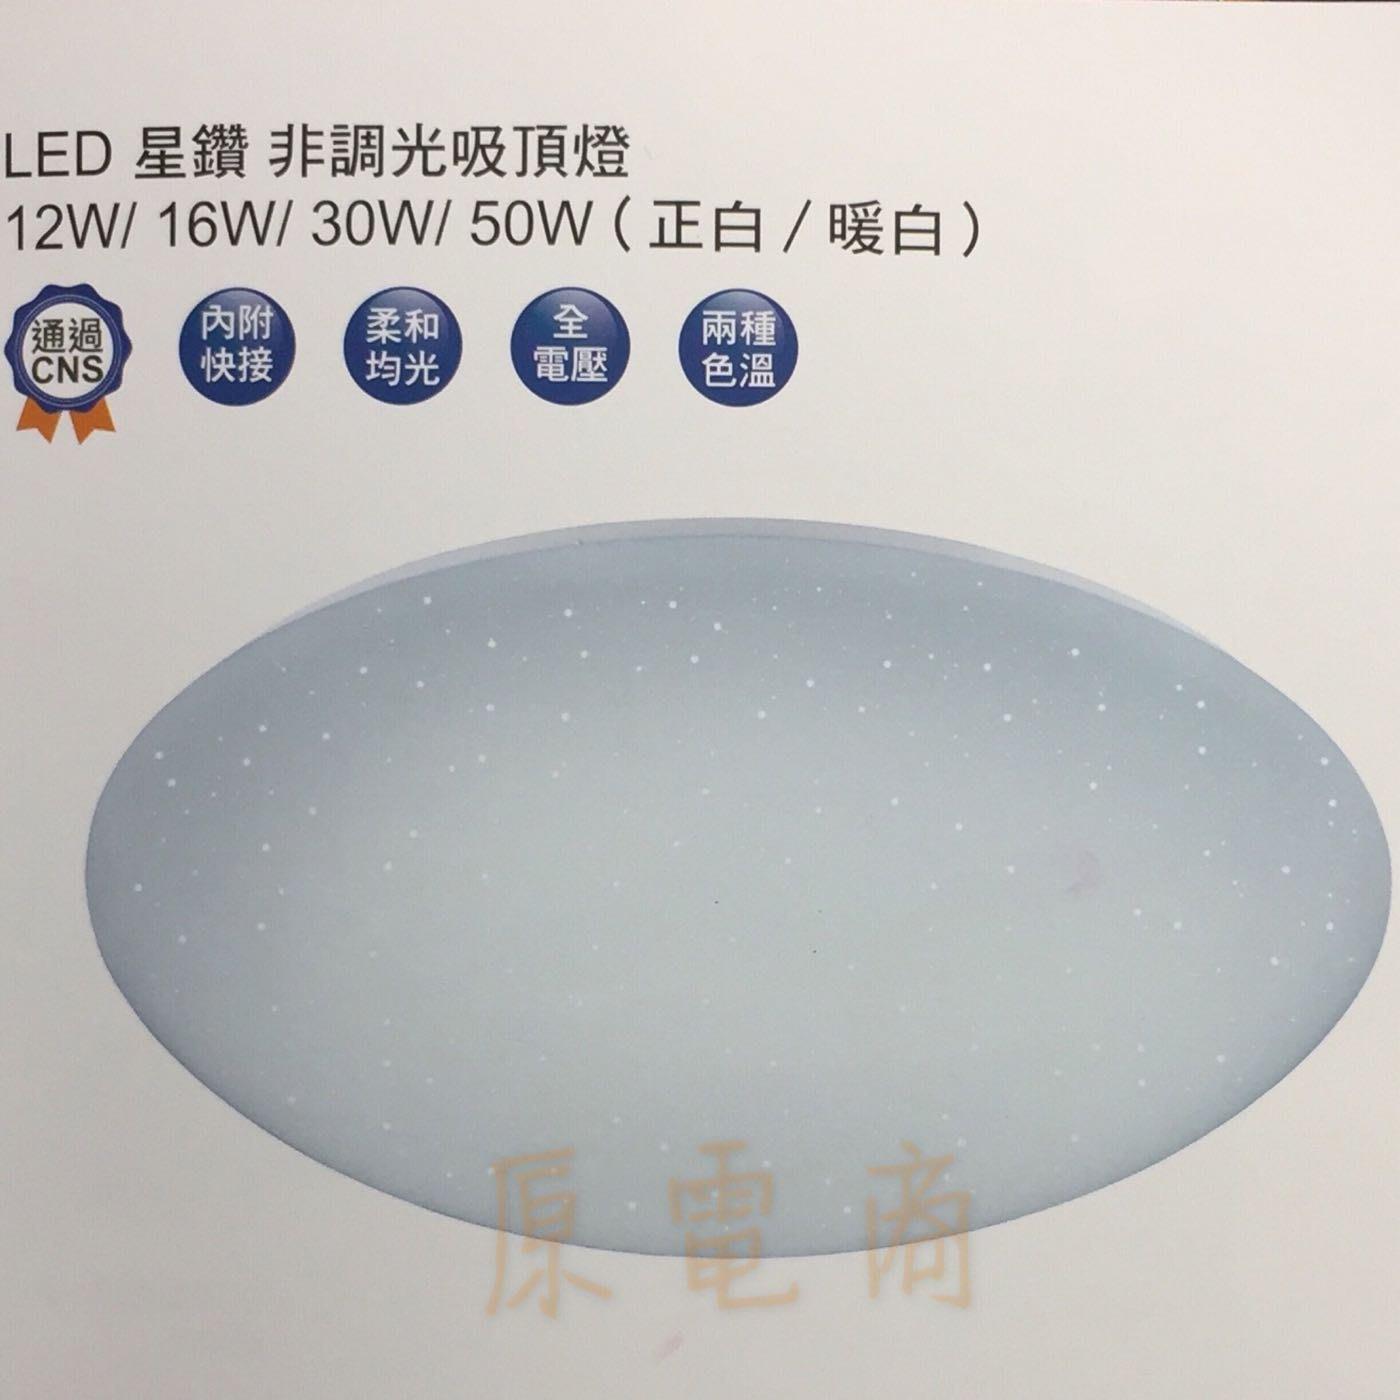 舞光 LED 30W星鑽吸頂燈(非調光)、全電壓(適用於房間、飯廳、神明廳、儲藏室)